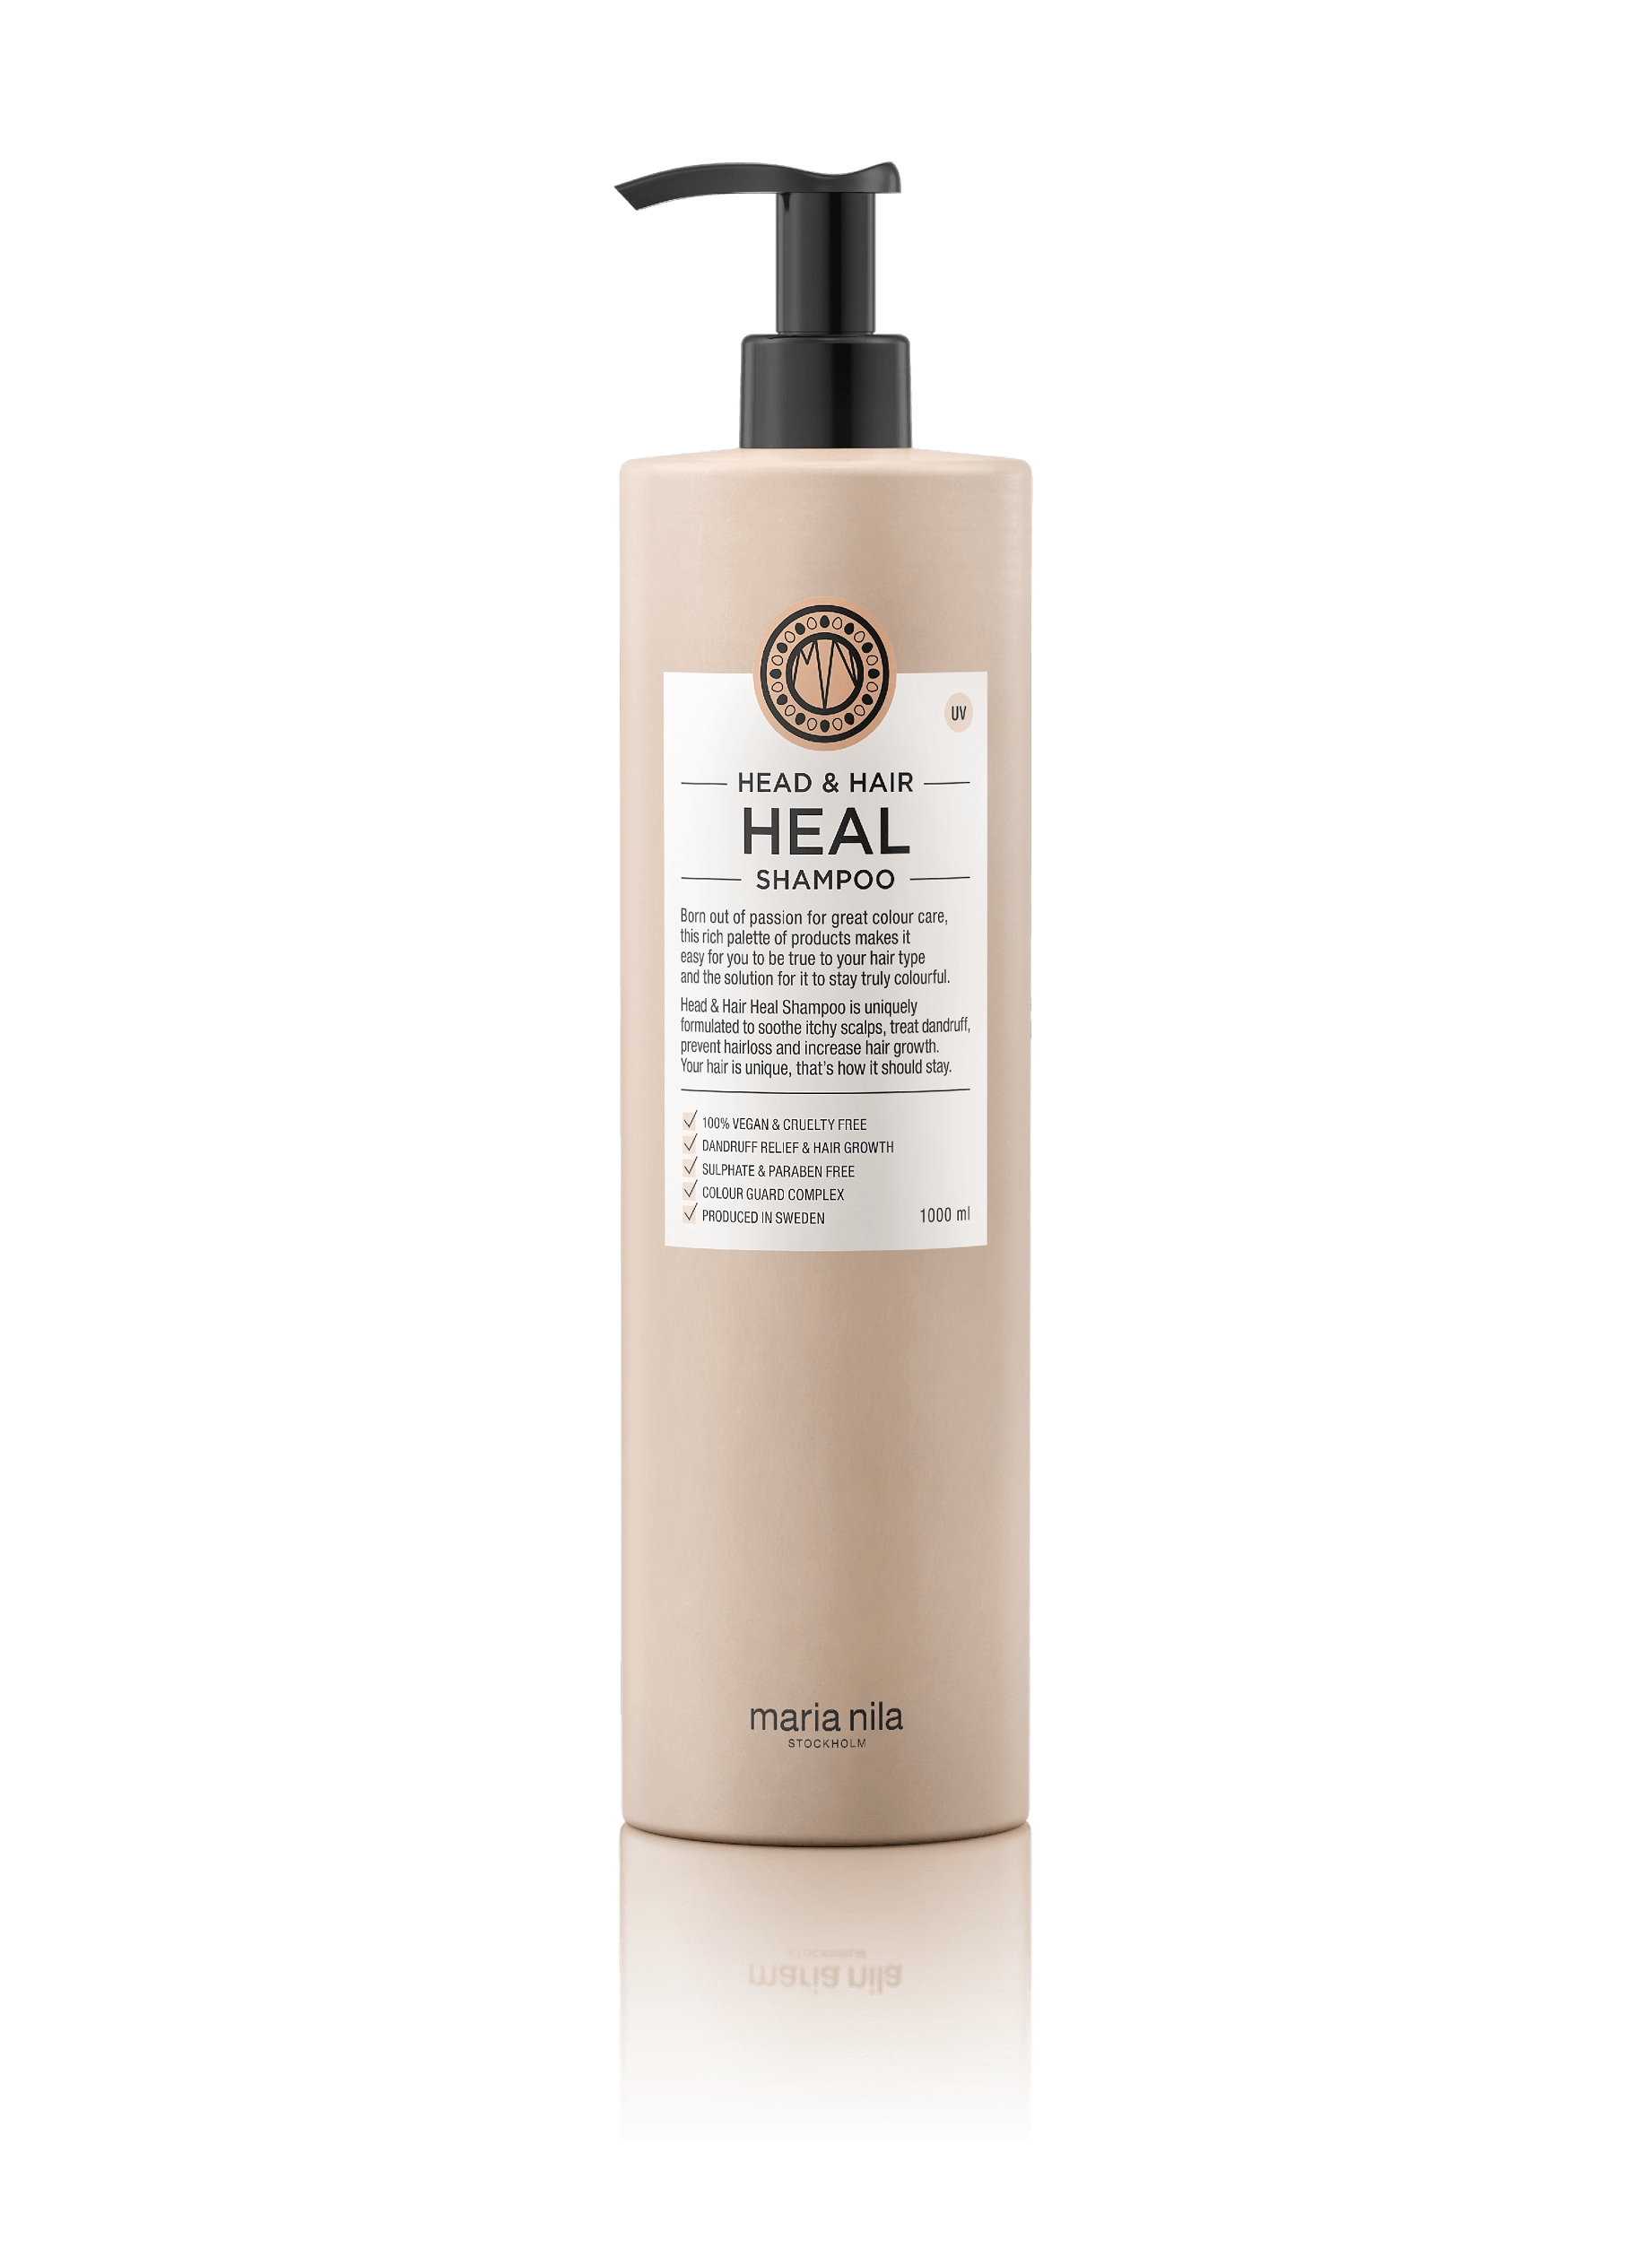 Maria Nila Head & Hair Heal Shampoo, 1000 ml